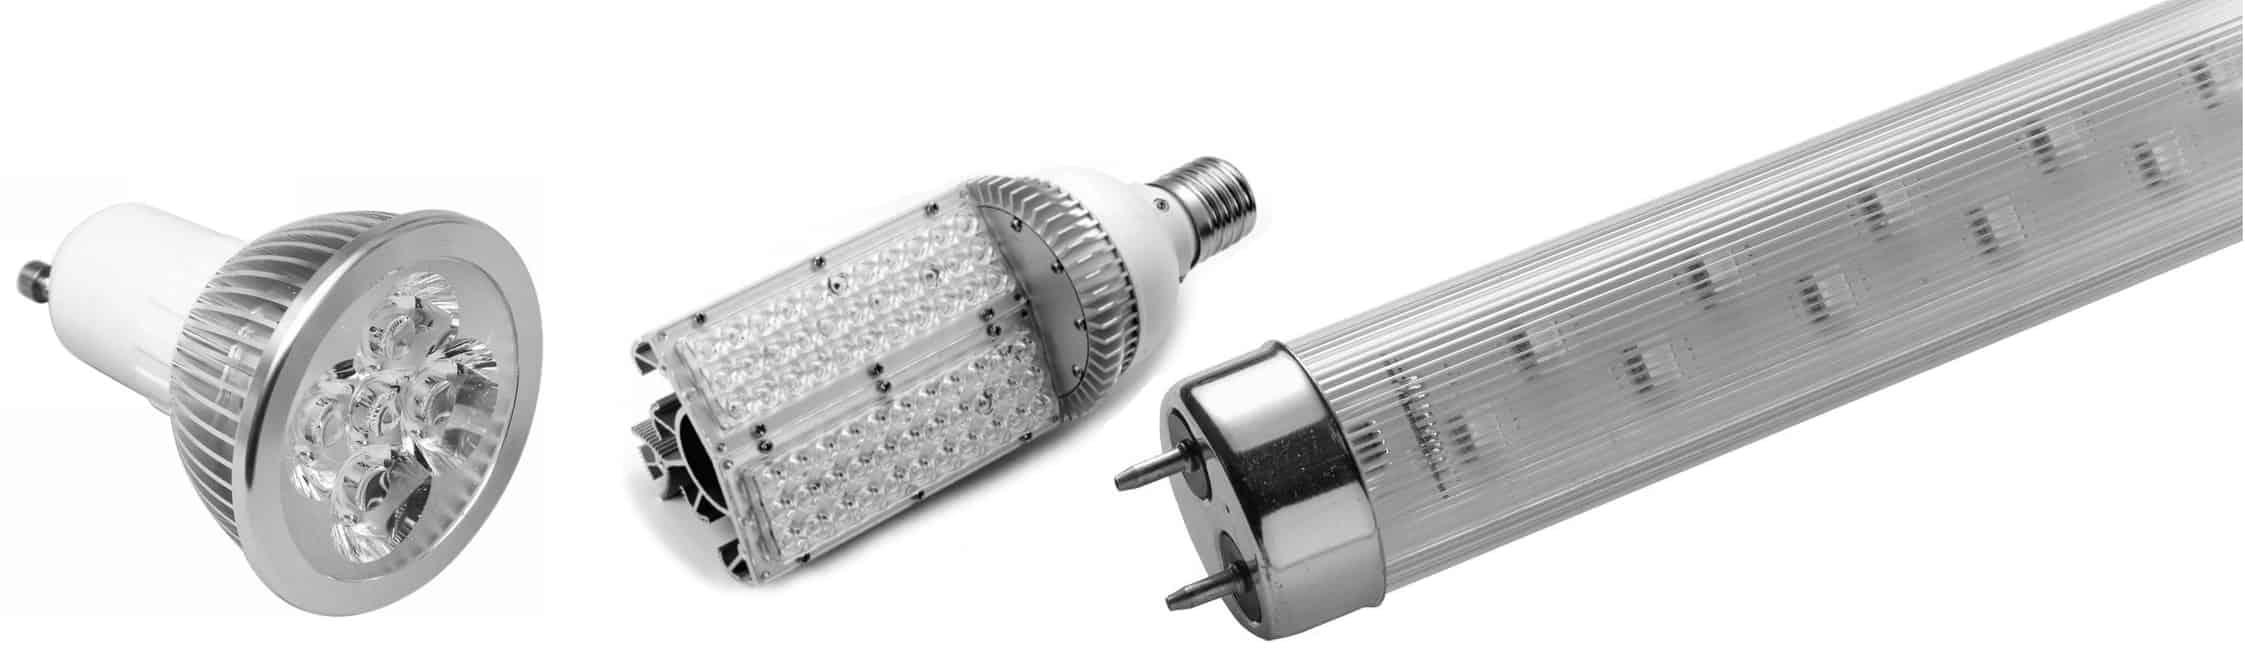 Illuminazione lampade idee di design nella vostra casa - Lampade a led per casa prezzi ...